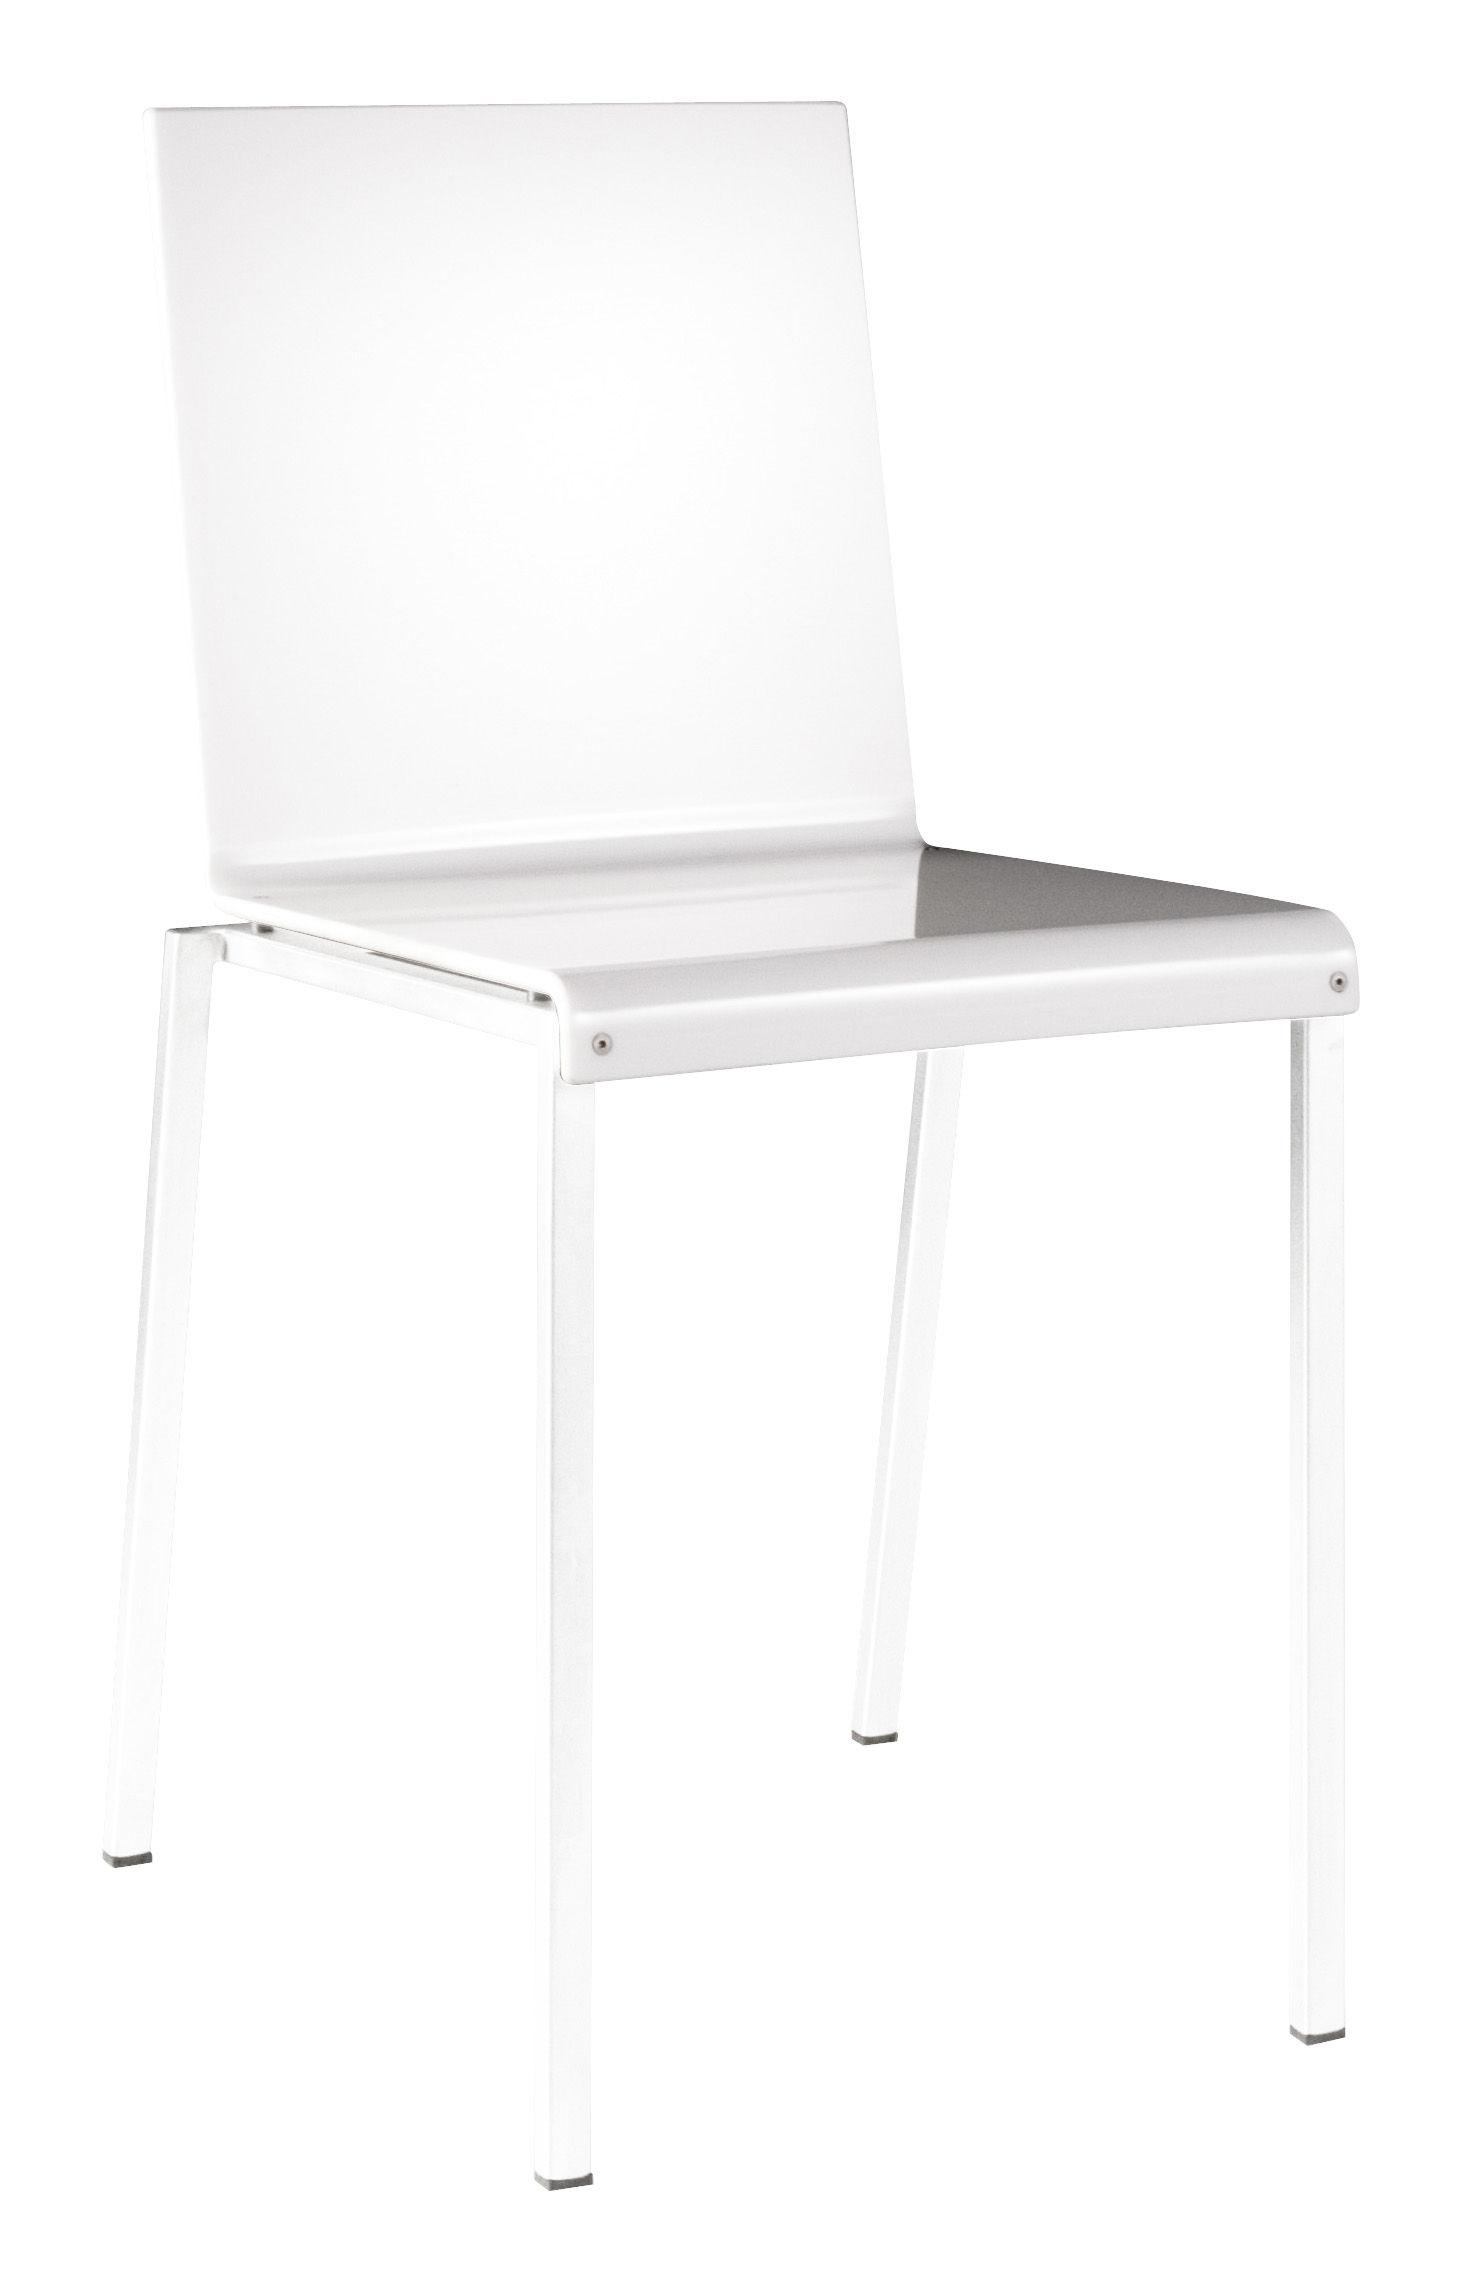 Mobilier - Chaises, fauteuils de salle à manger - Chaise Bianca / Résine brillante & pieds métal - Zeus - Blanc brillant / Pieds blancs - Acier, Résine acrylique